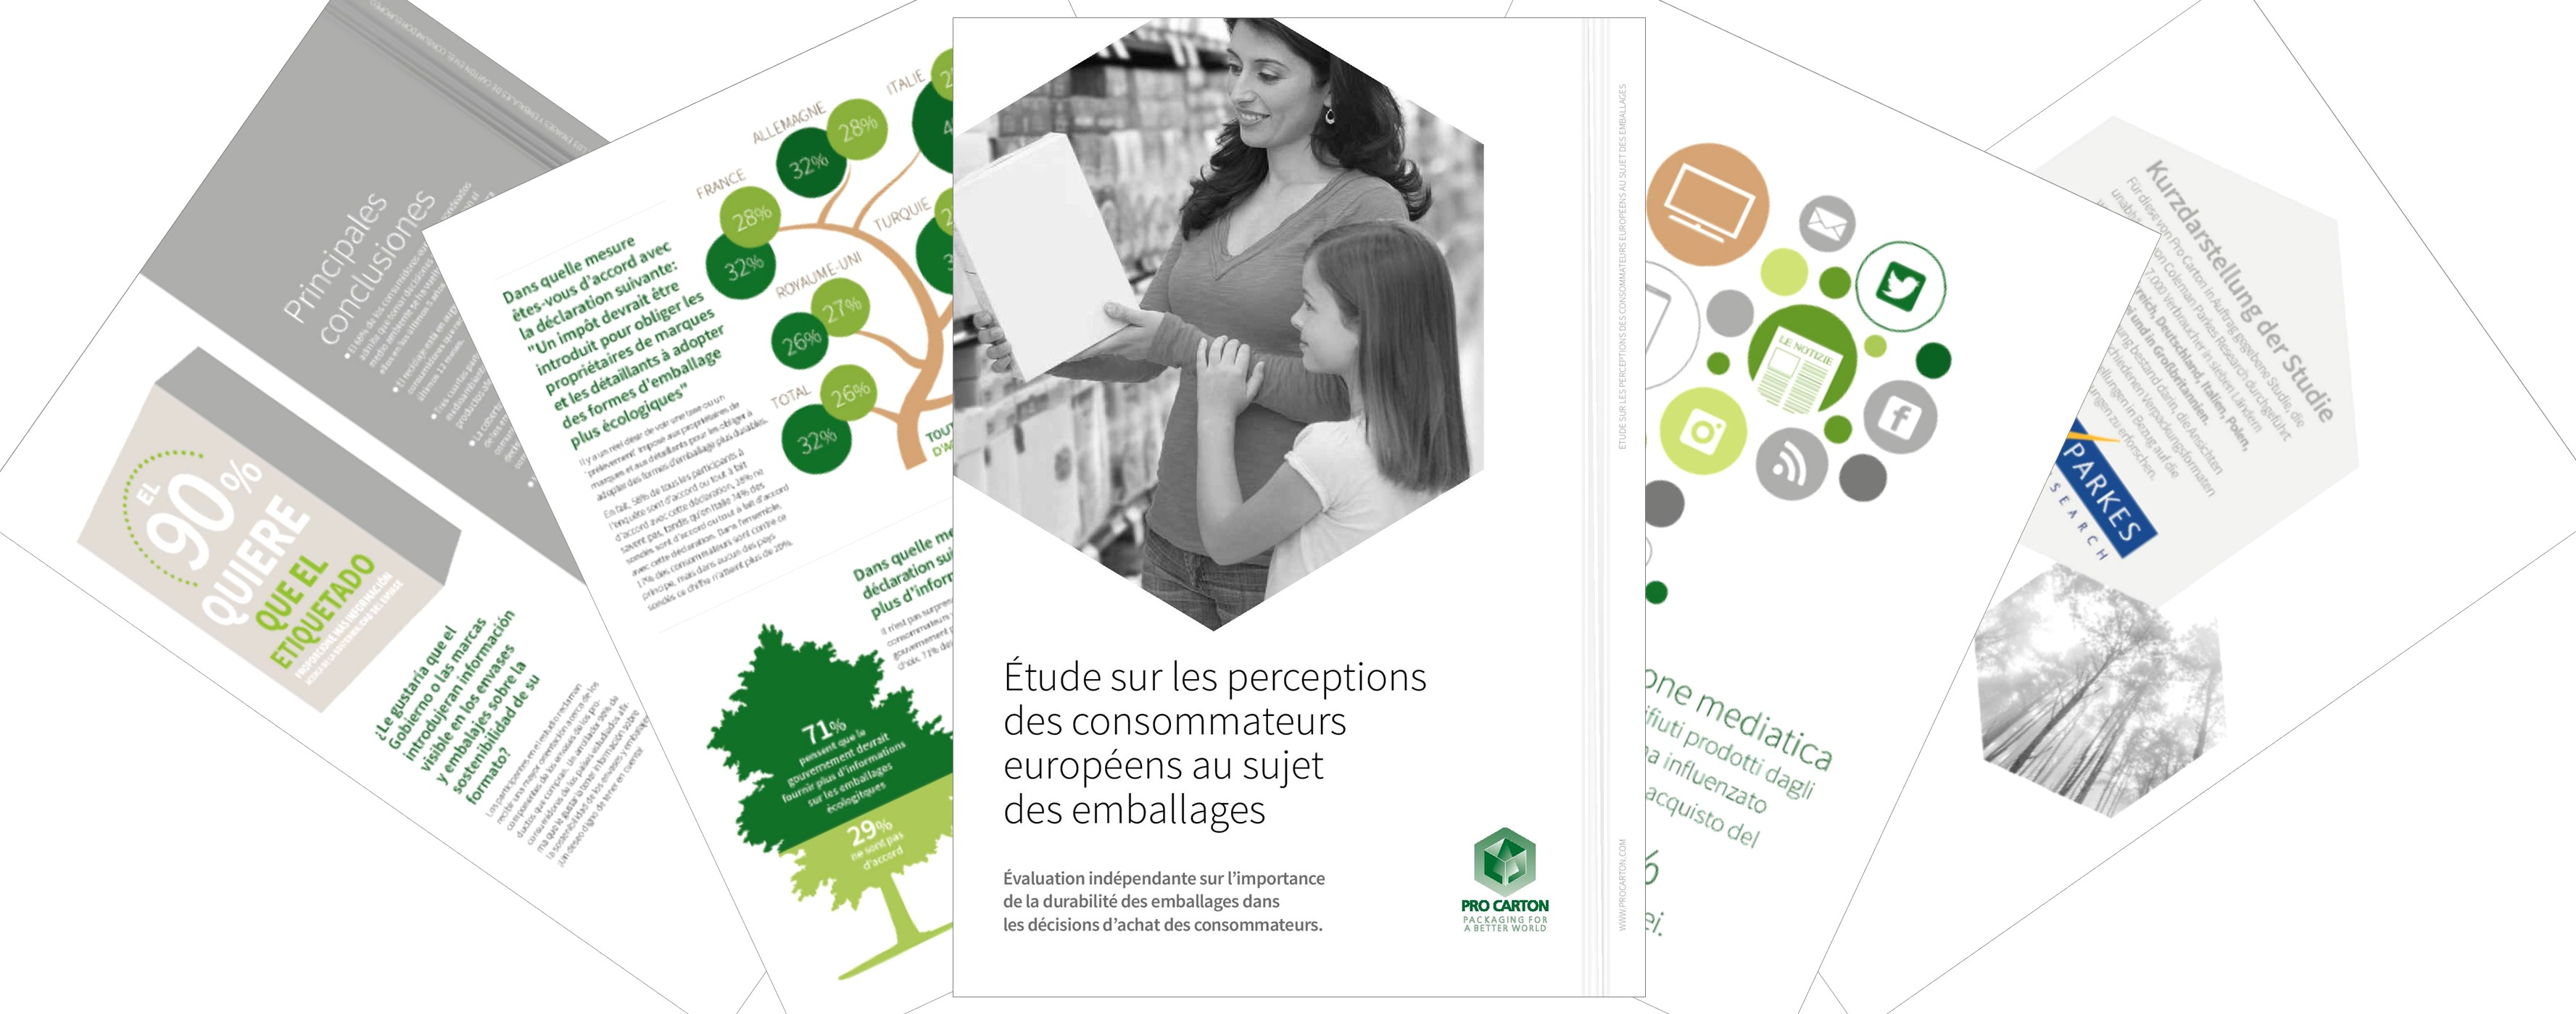 Étude sur les perceptions des consommateurs européens au sujet des emballages